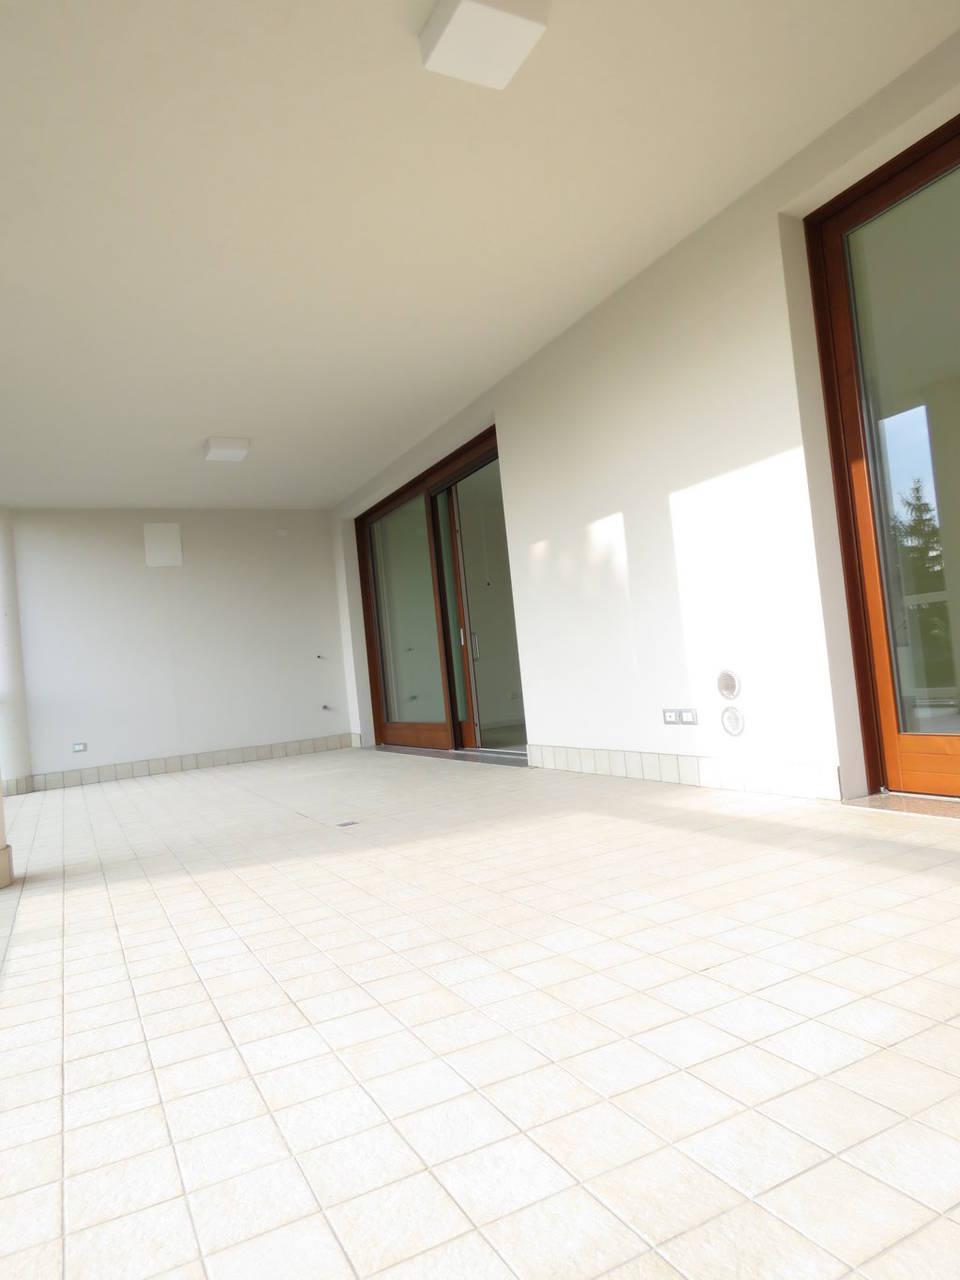 4-locali-con-terrazzo-in-vendita-a-Burago-di-Molgora-Brianza-31